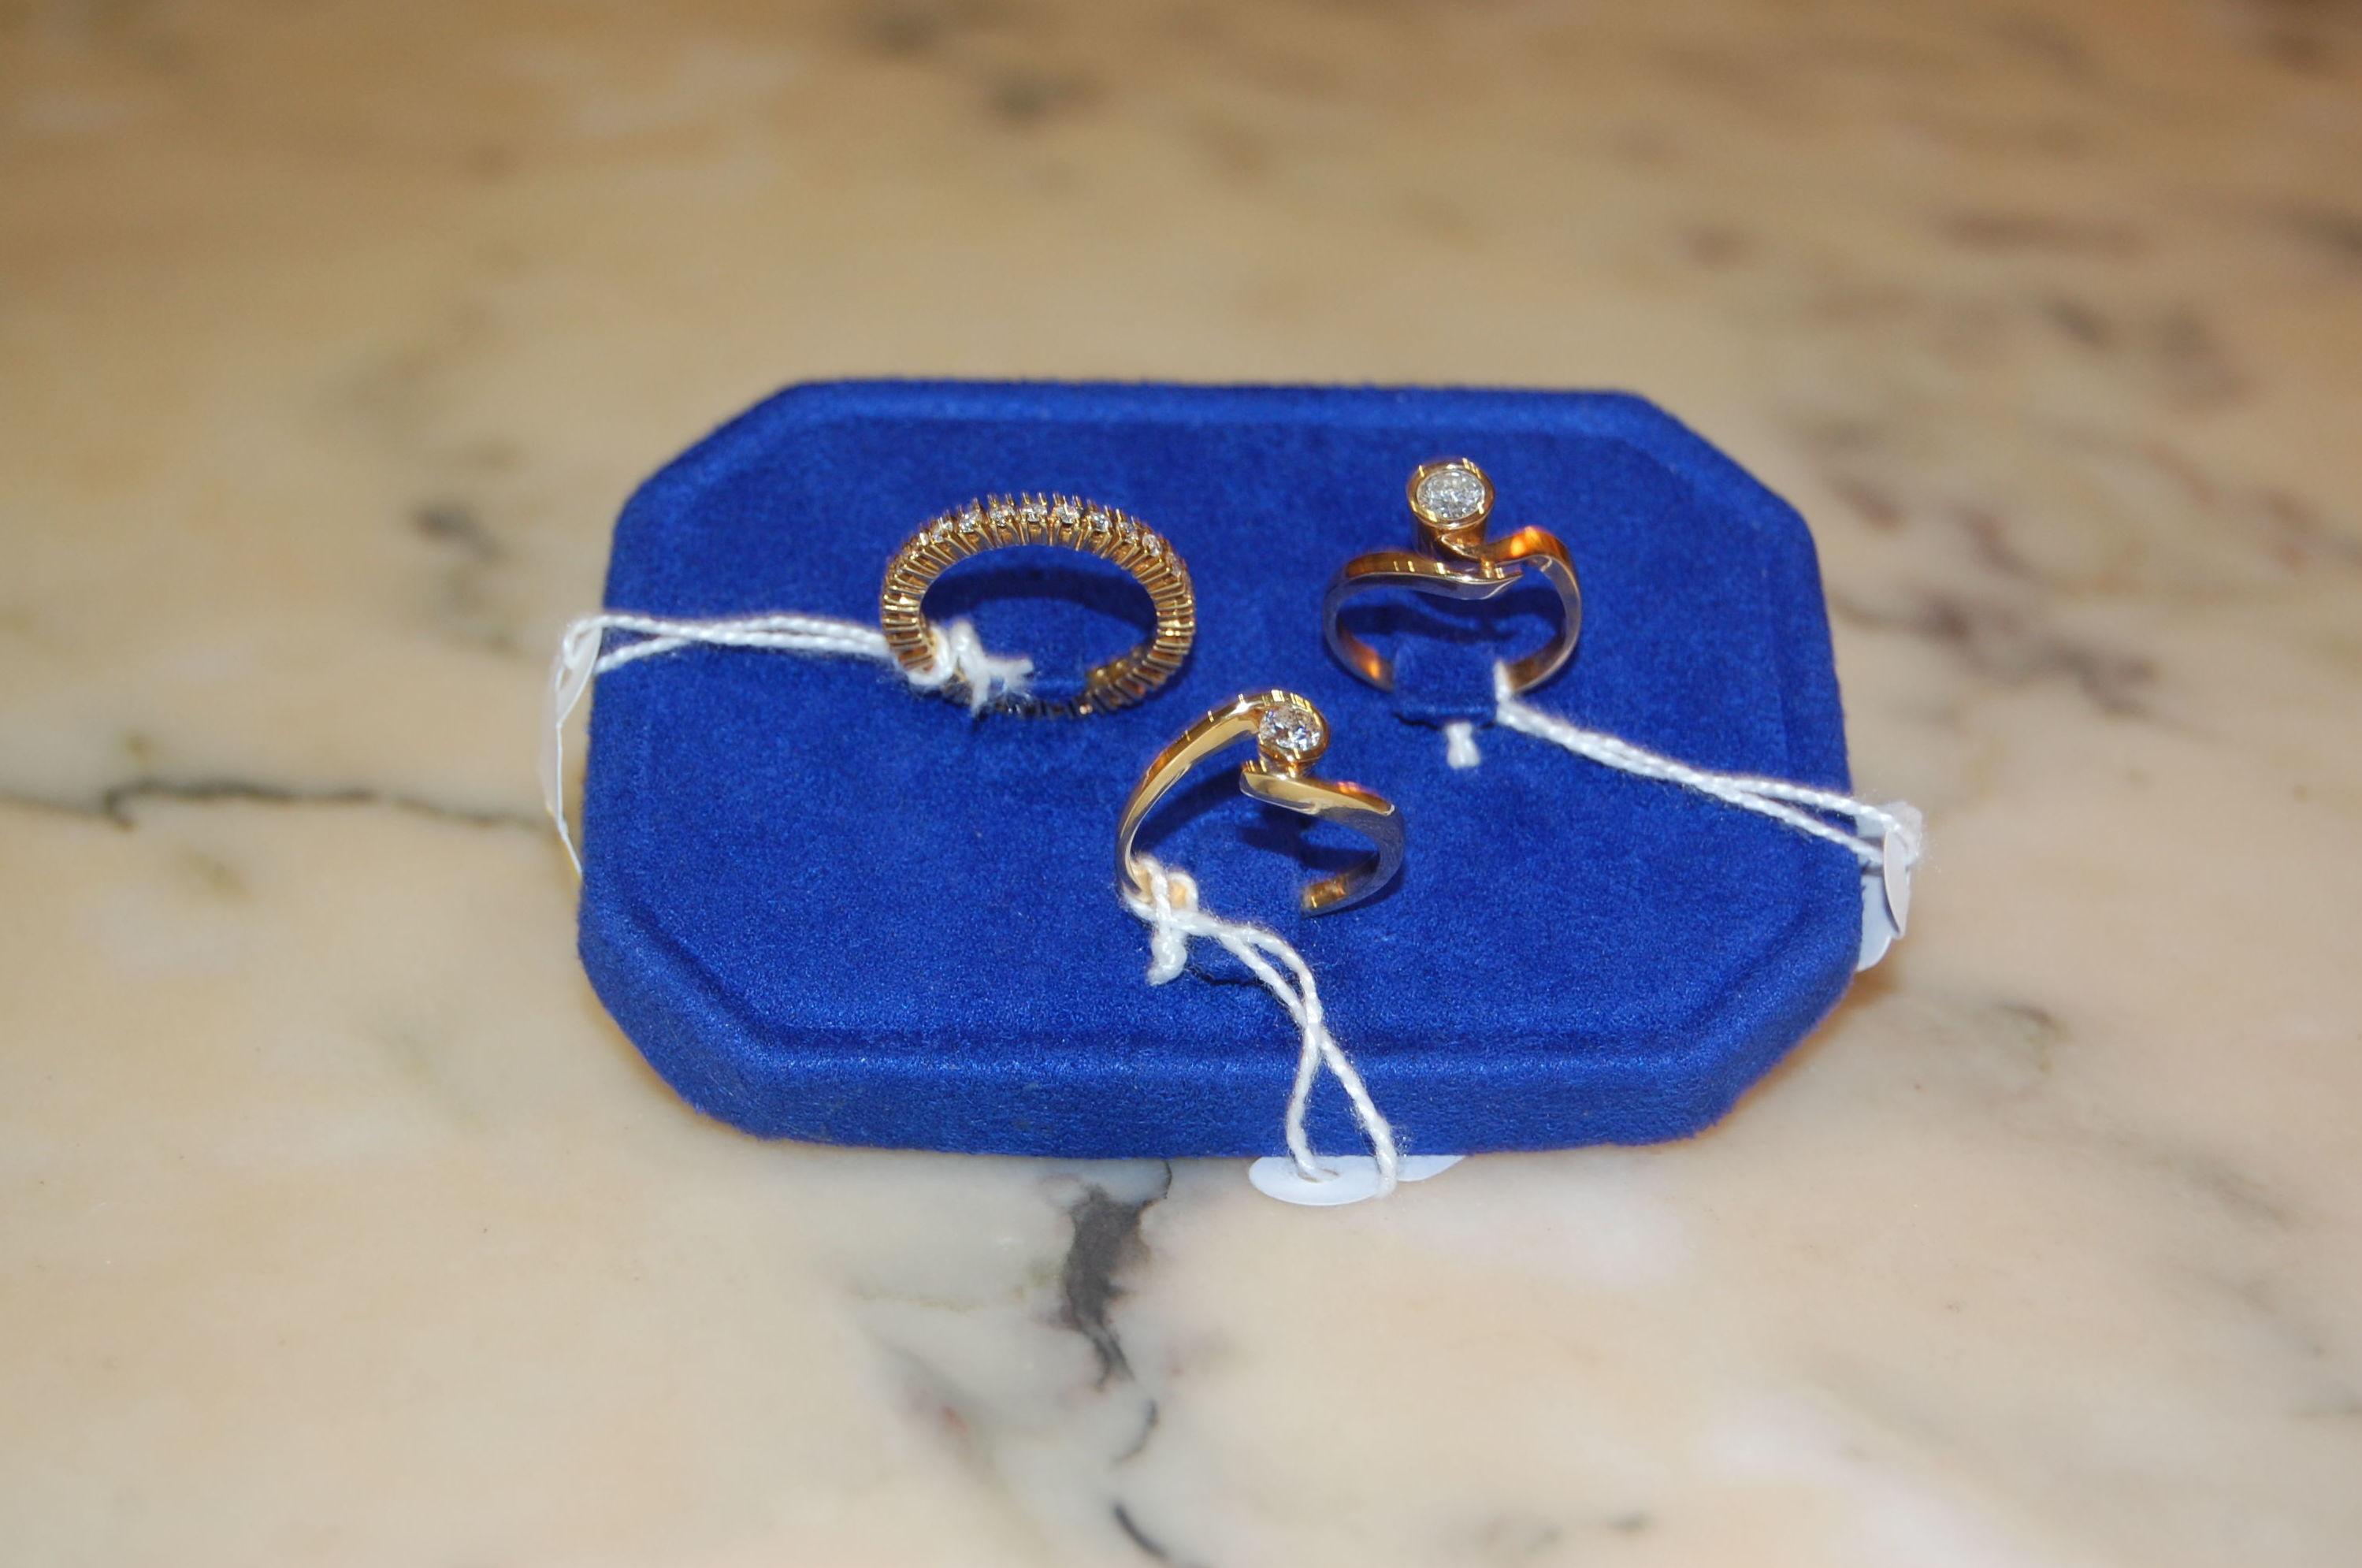 Diseño de joyas en Joieria Perarnau, Granollers